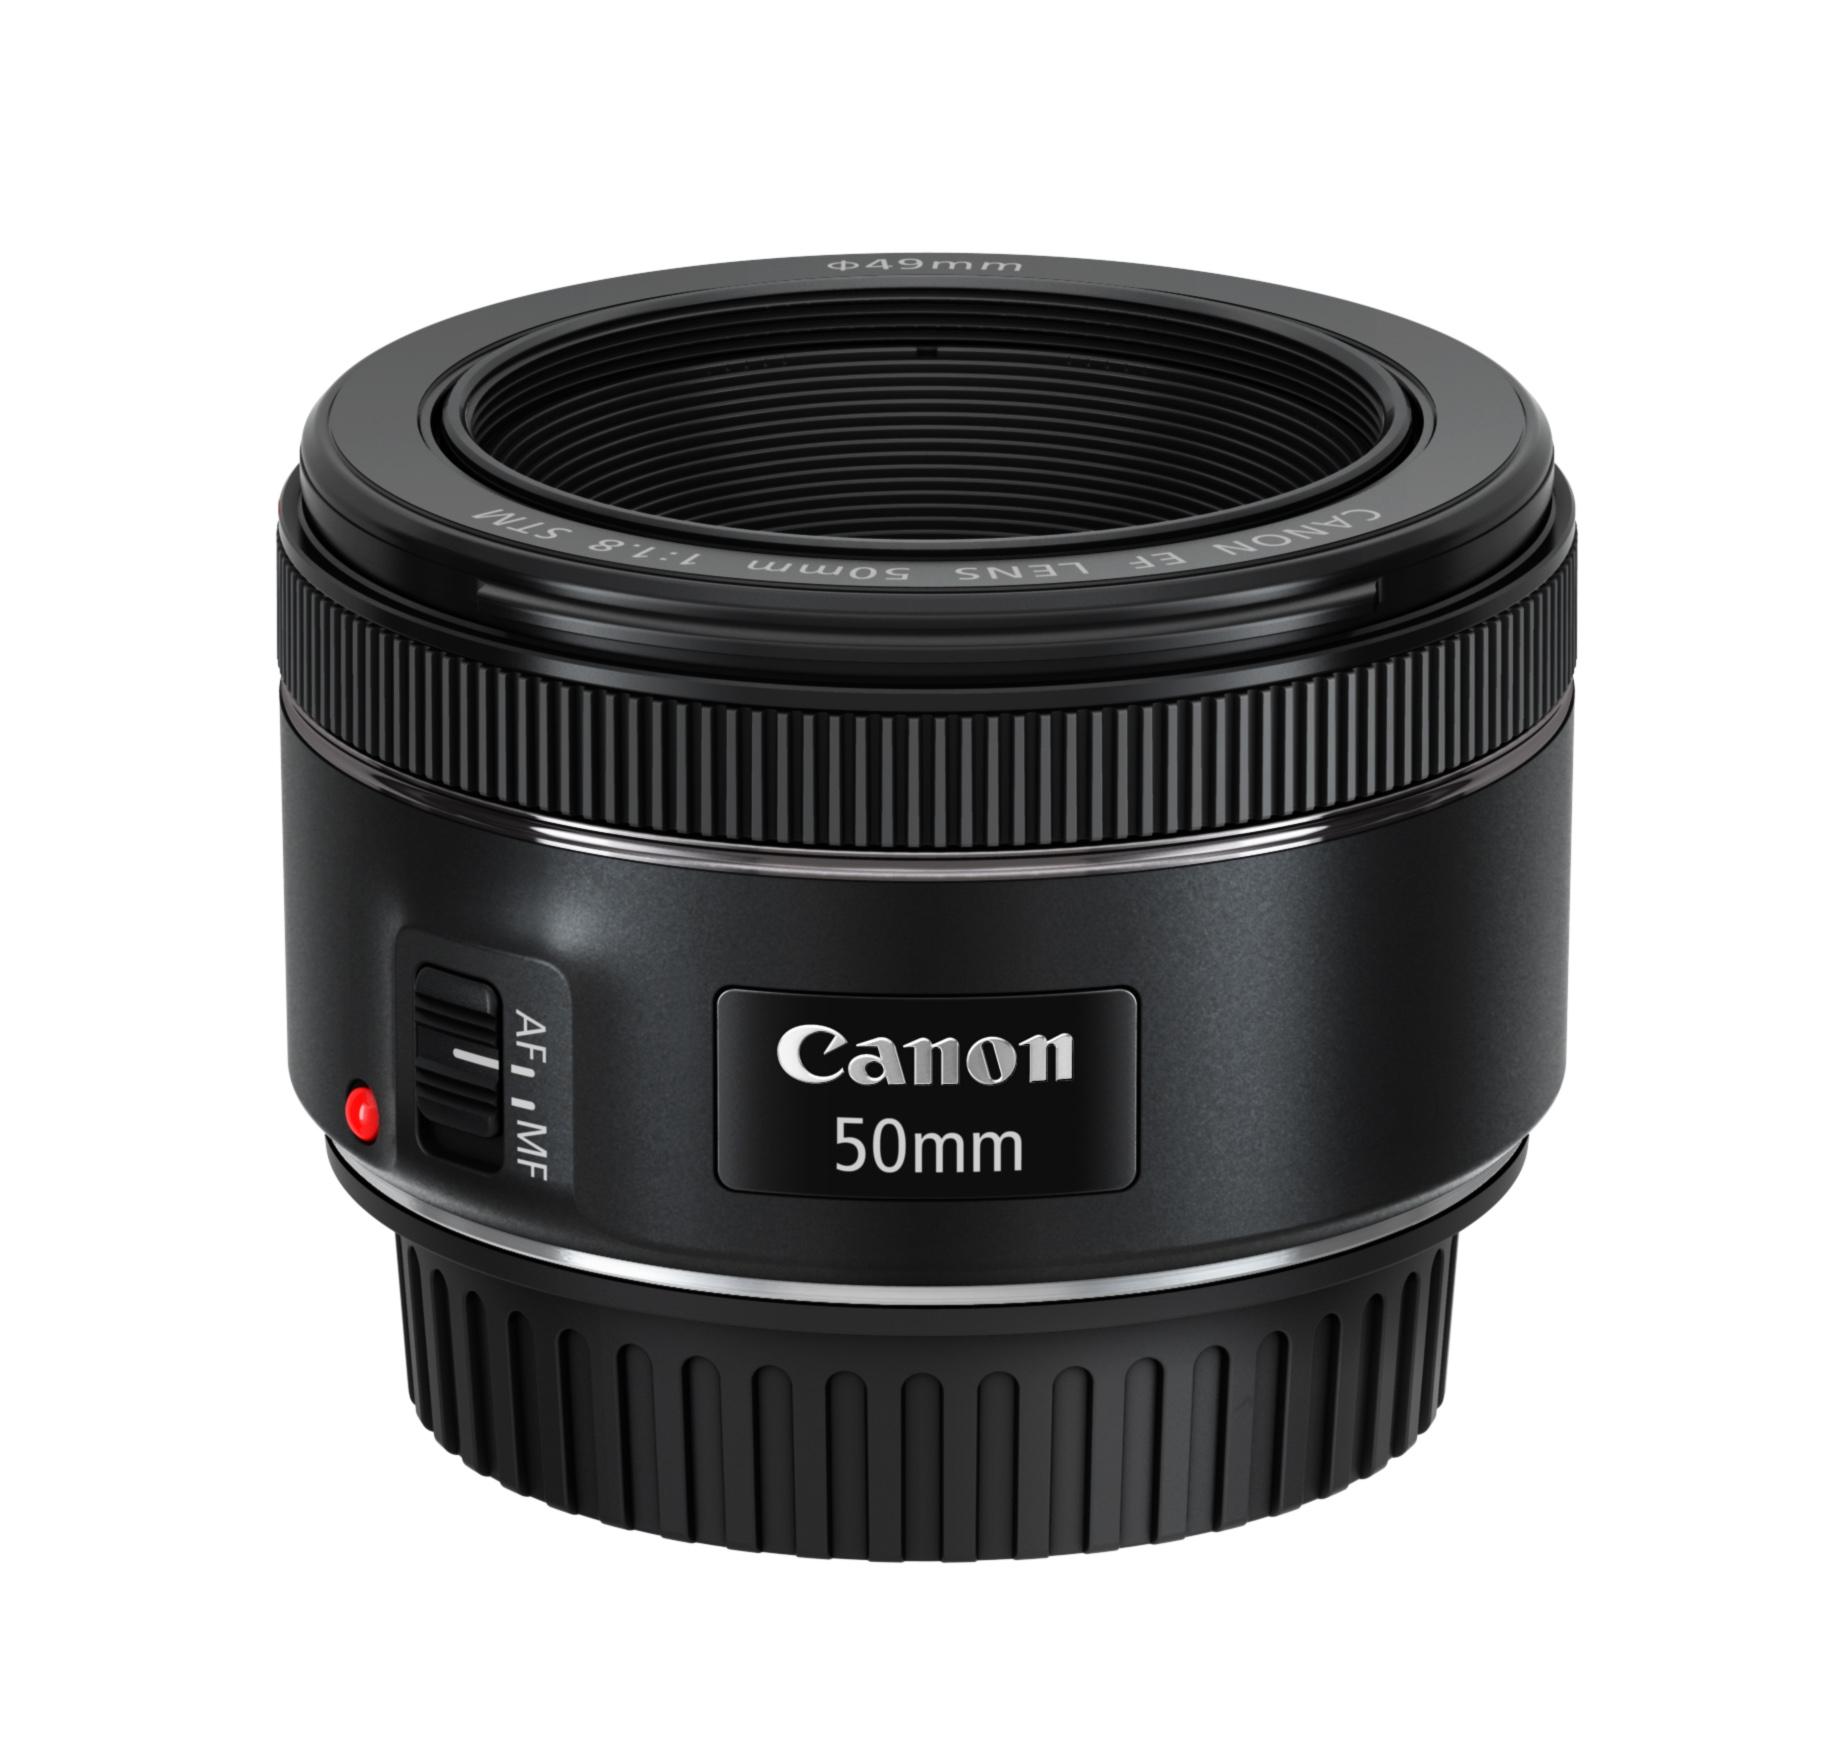 EF_50mm_f1.8_STM FRA w CAP